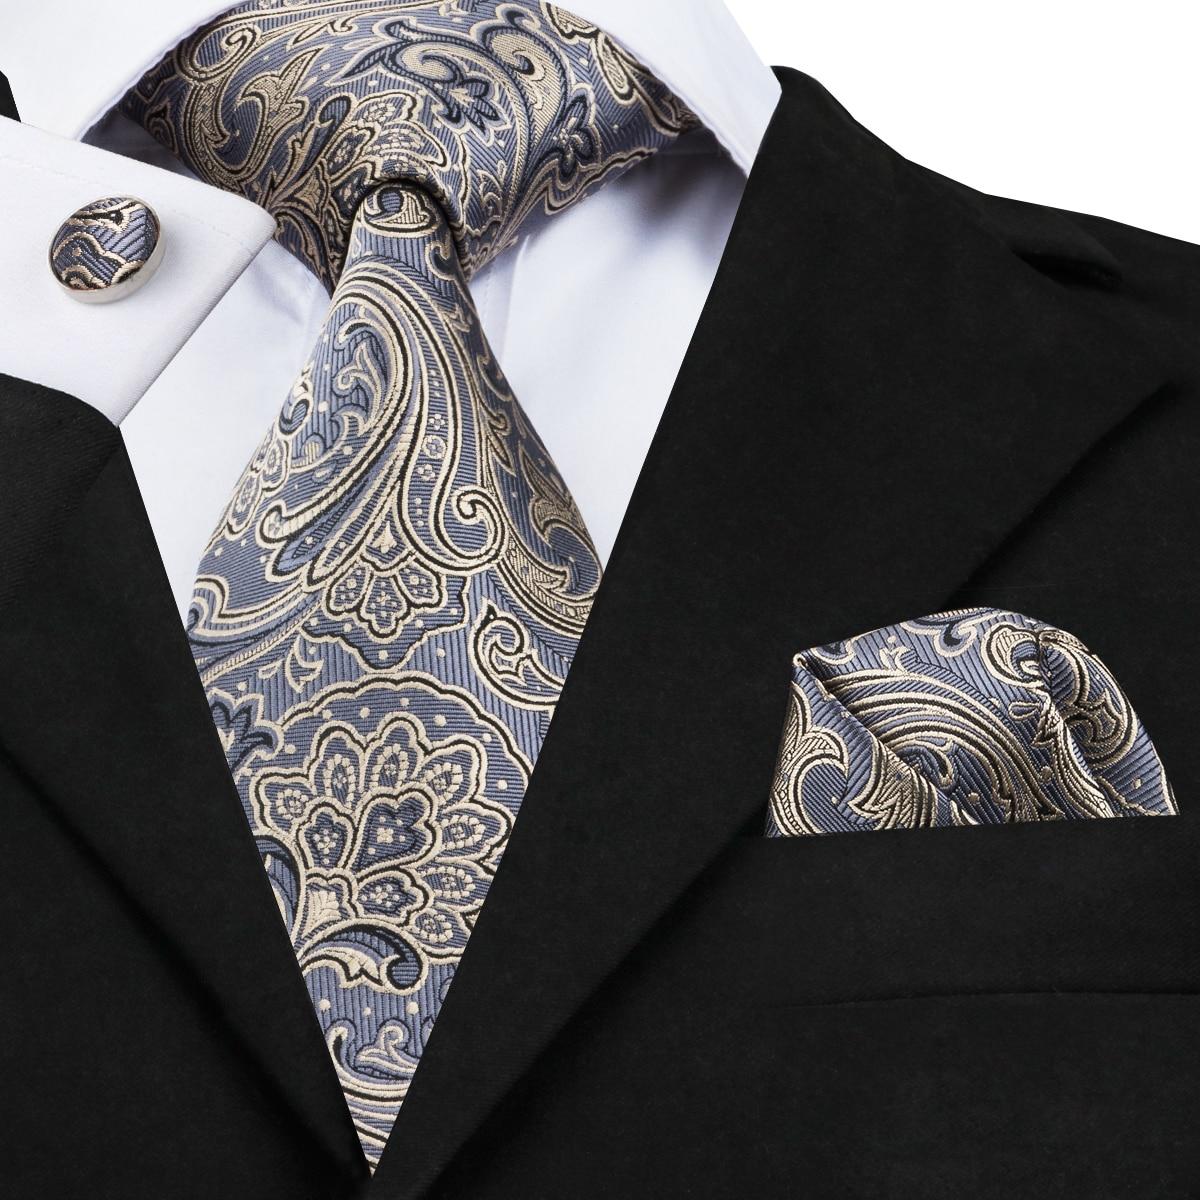 SJT-1653 DiBanGu Luxury Gray Blue Tie For Men Hanky Cufflinks Men's Gifts Floral Tie 100% Silk Neck Tie Business Wedding Tie Set